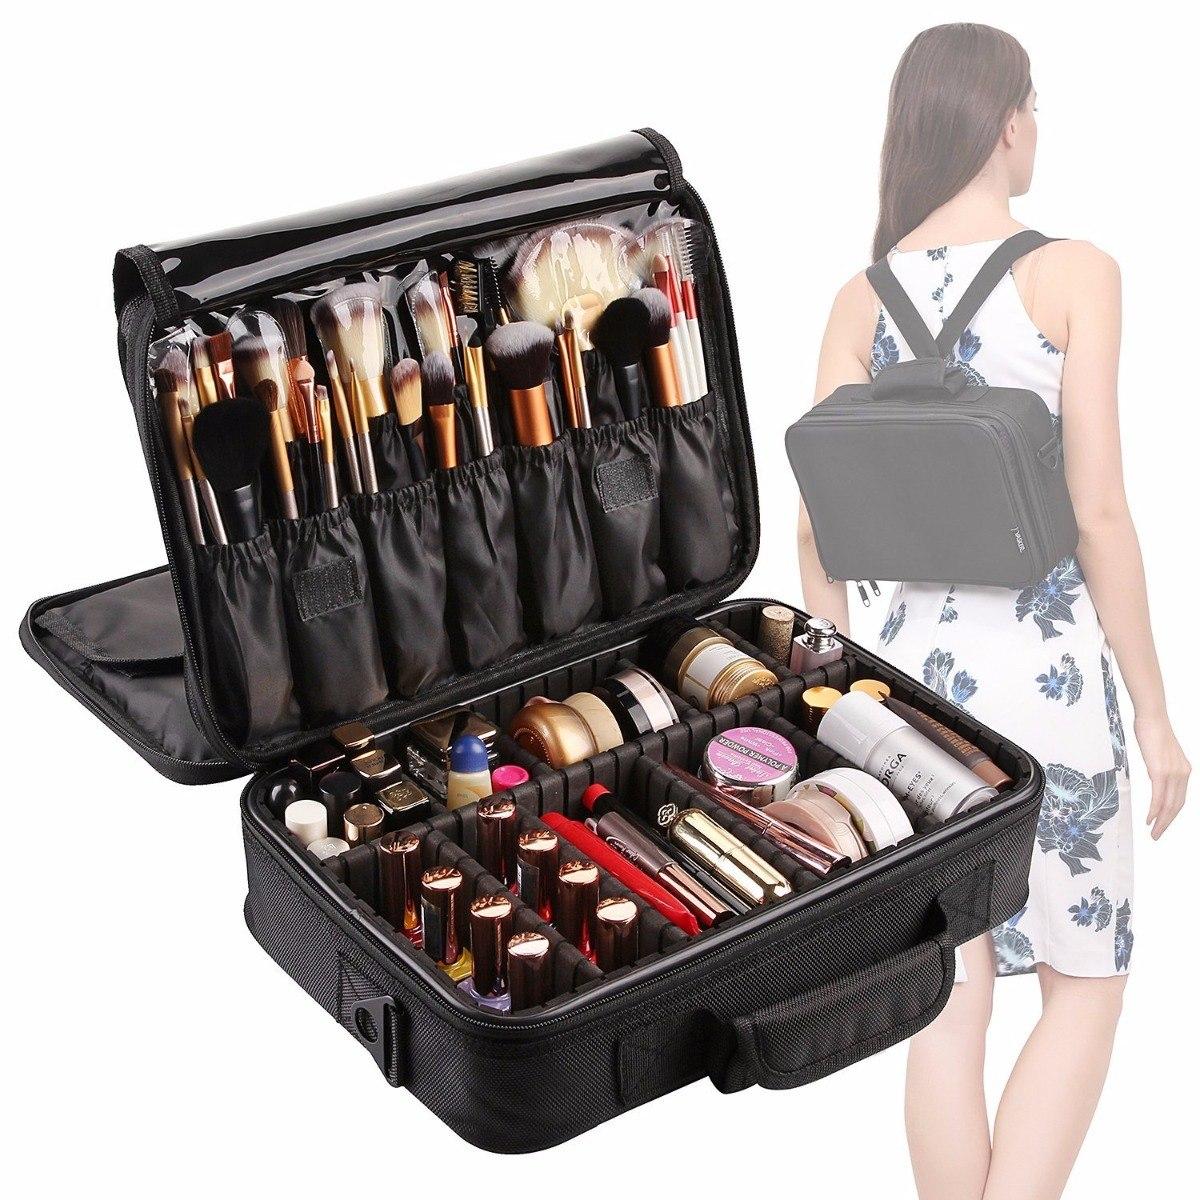 Makeup brush set amazon ca